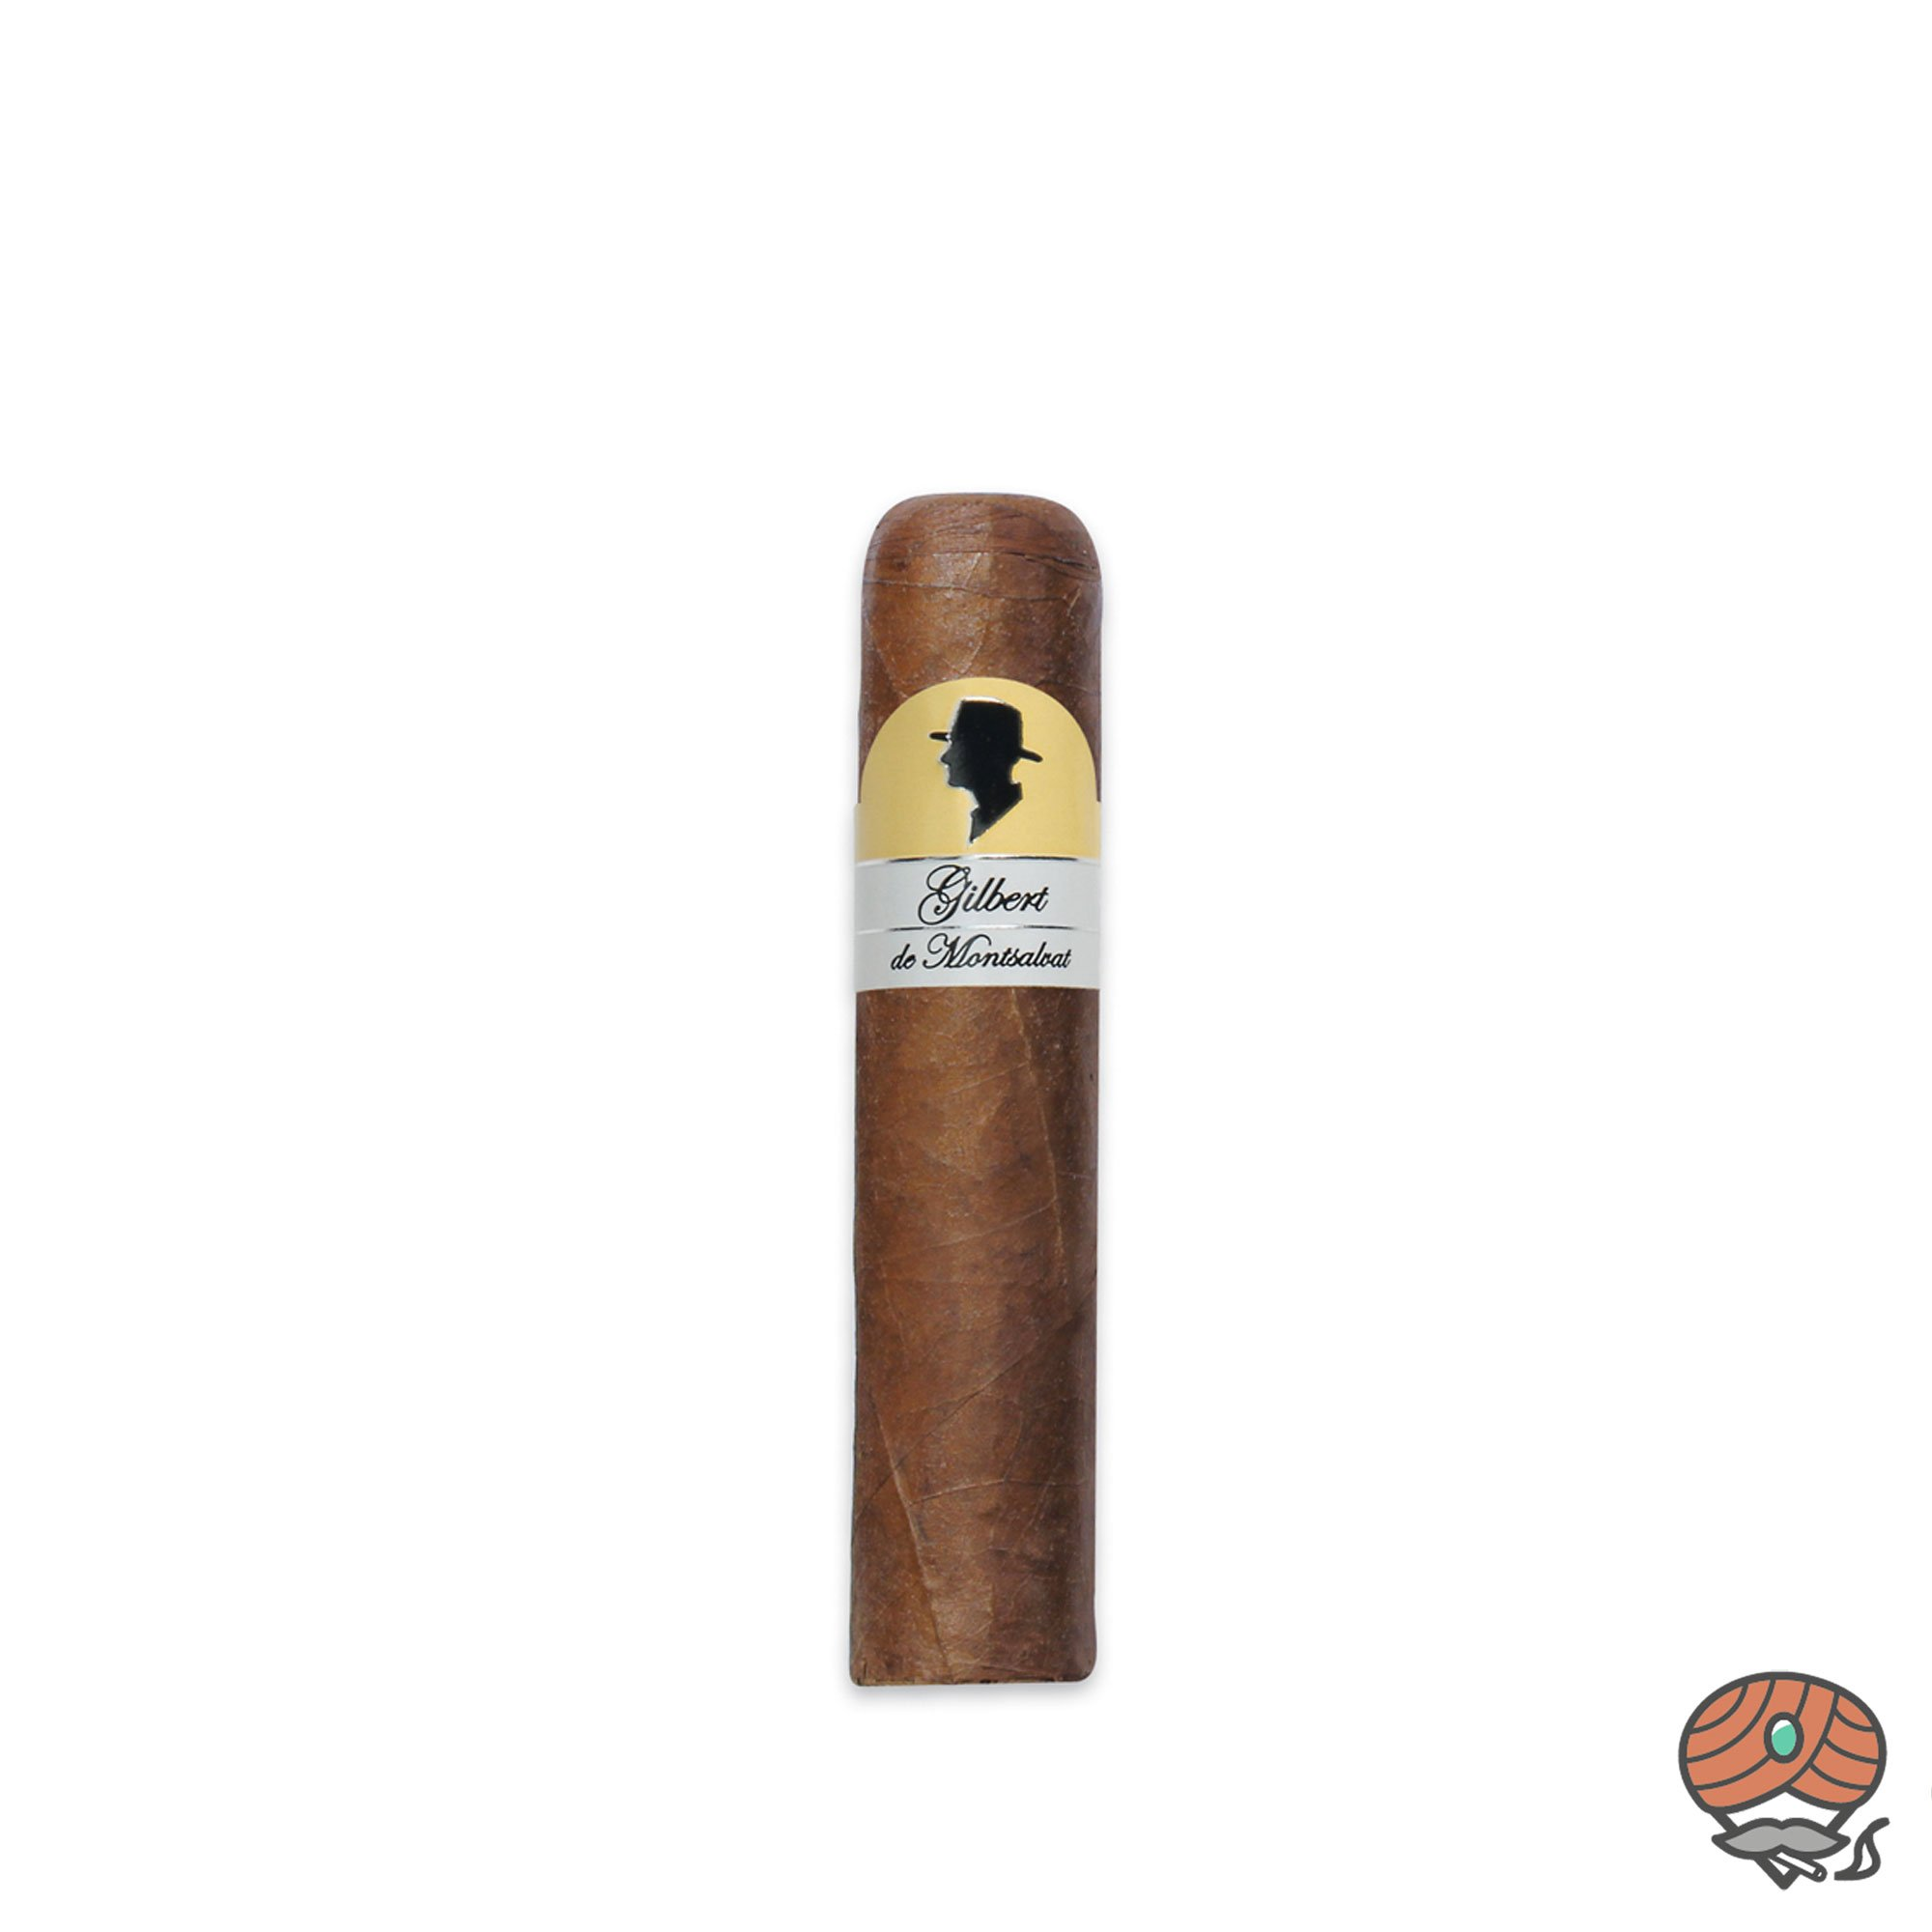 Gilbert de Montsalvat Gordito Zigarre Revolution Style